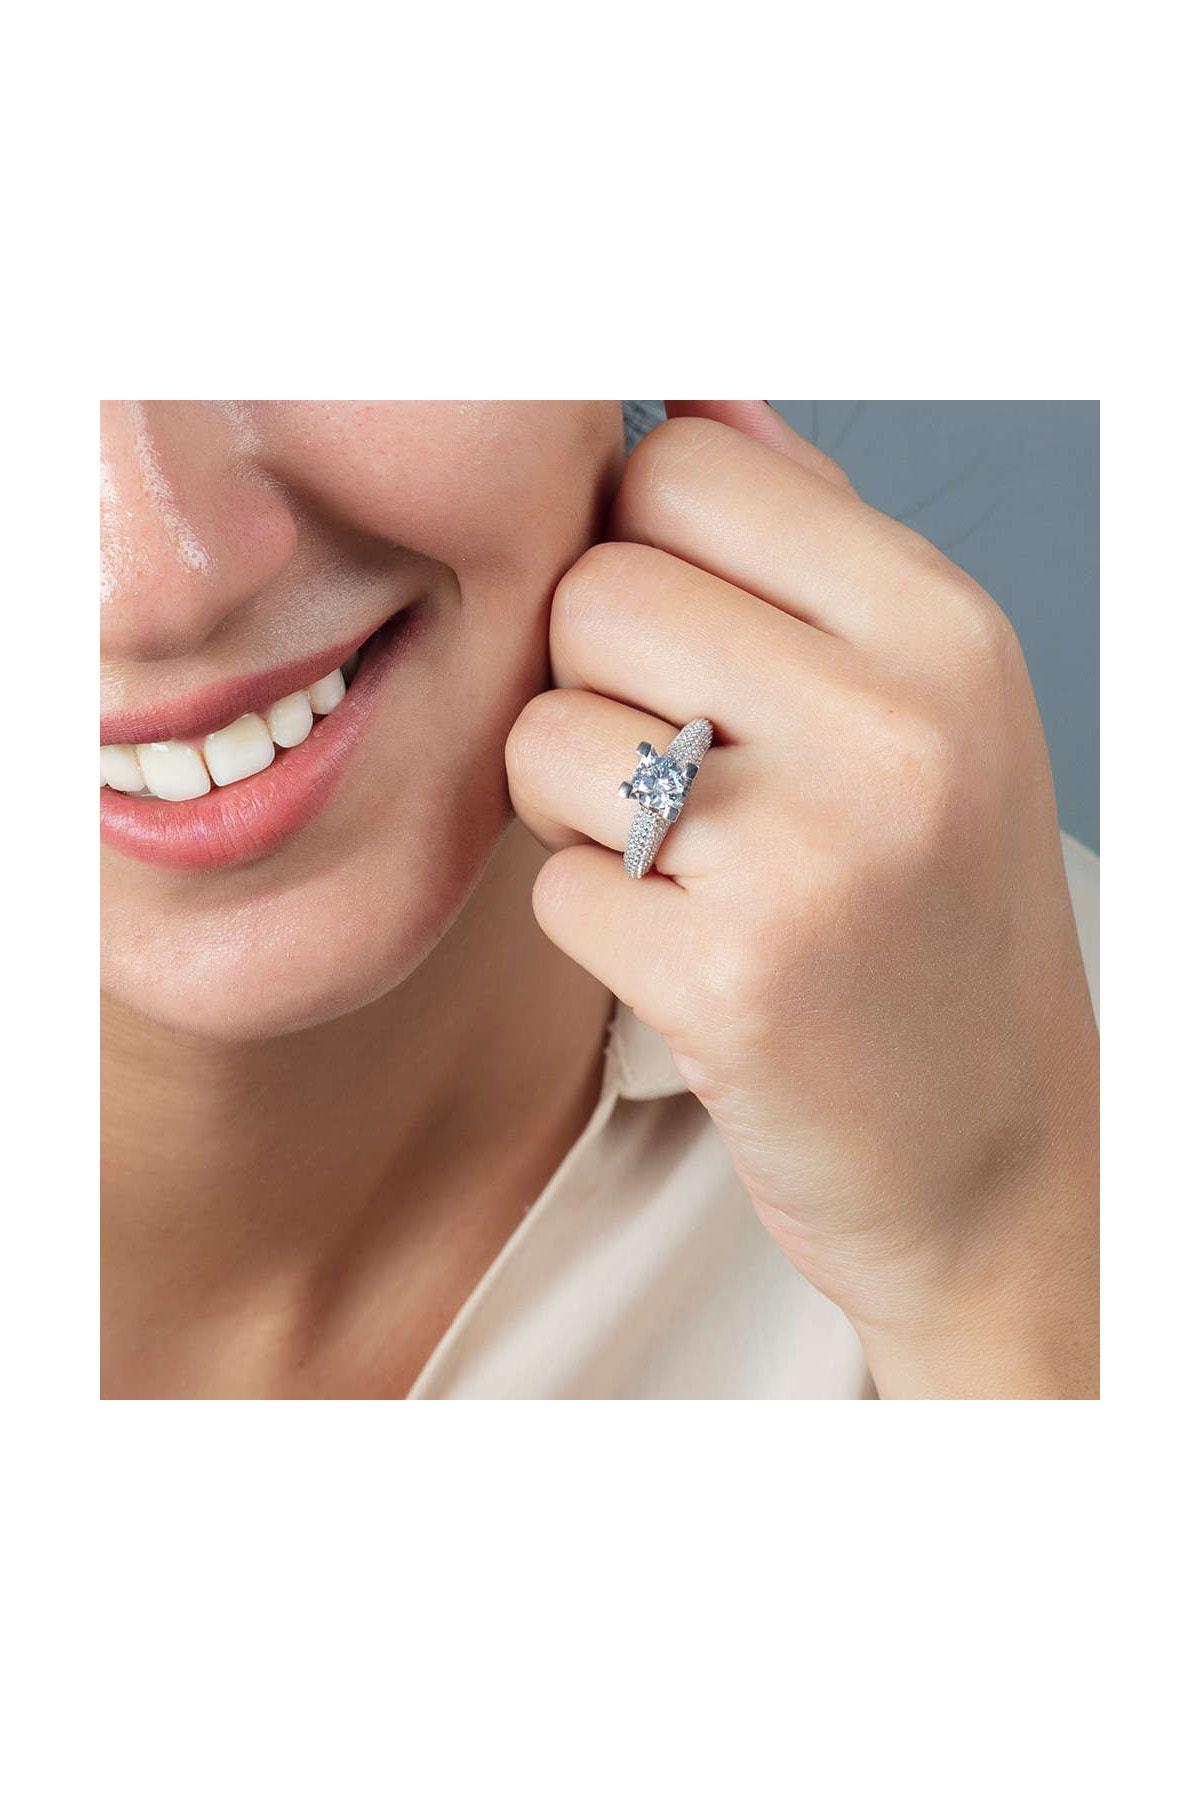 Tesbihane Starlight Diamond Pırlanta Montür Avangarde 925 Ayar Gümüş Bayan Tektaş Yüzük 102001803 2